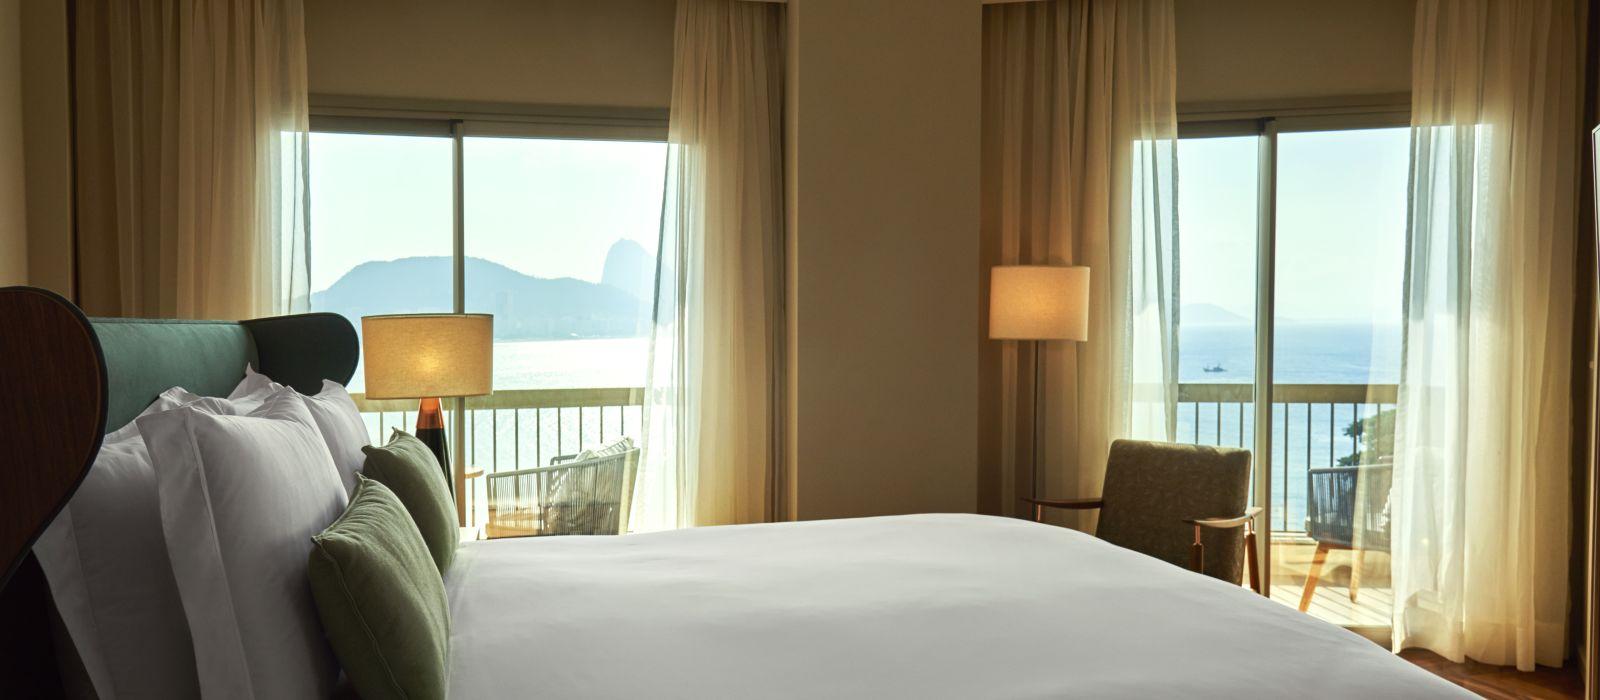 Hotel Fairmont Rio de Janeiro Copacabana Brazil